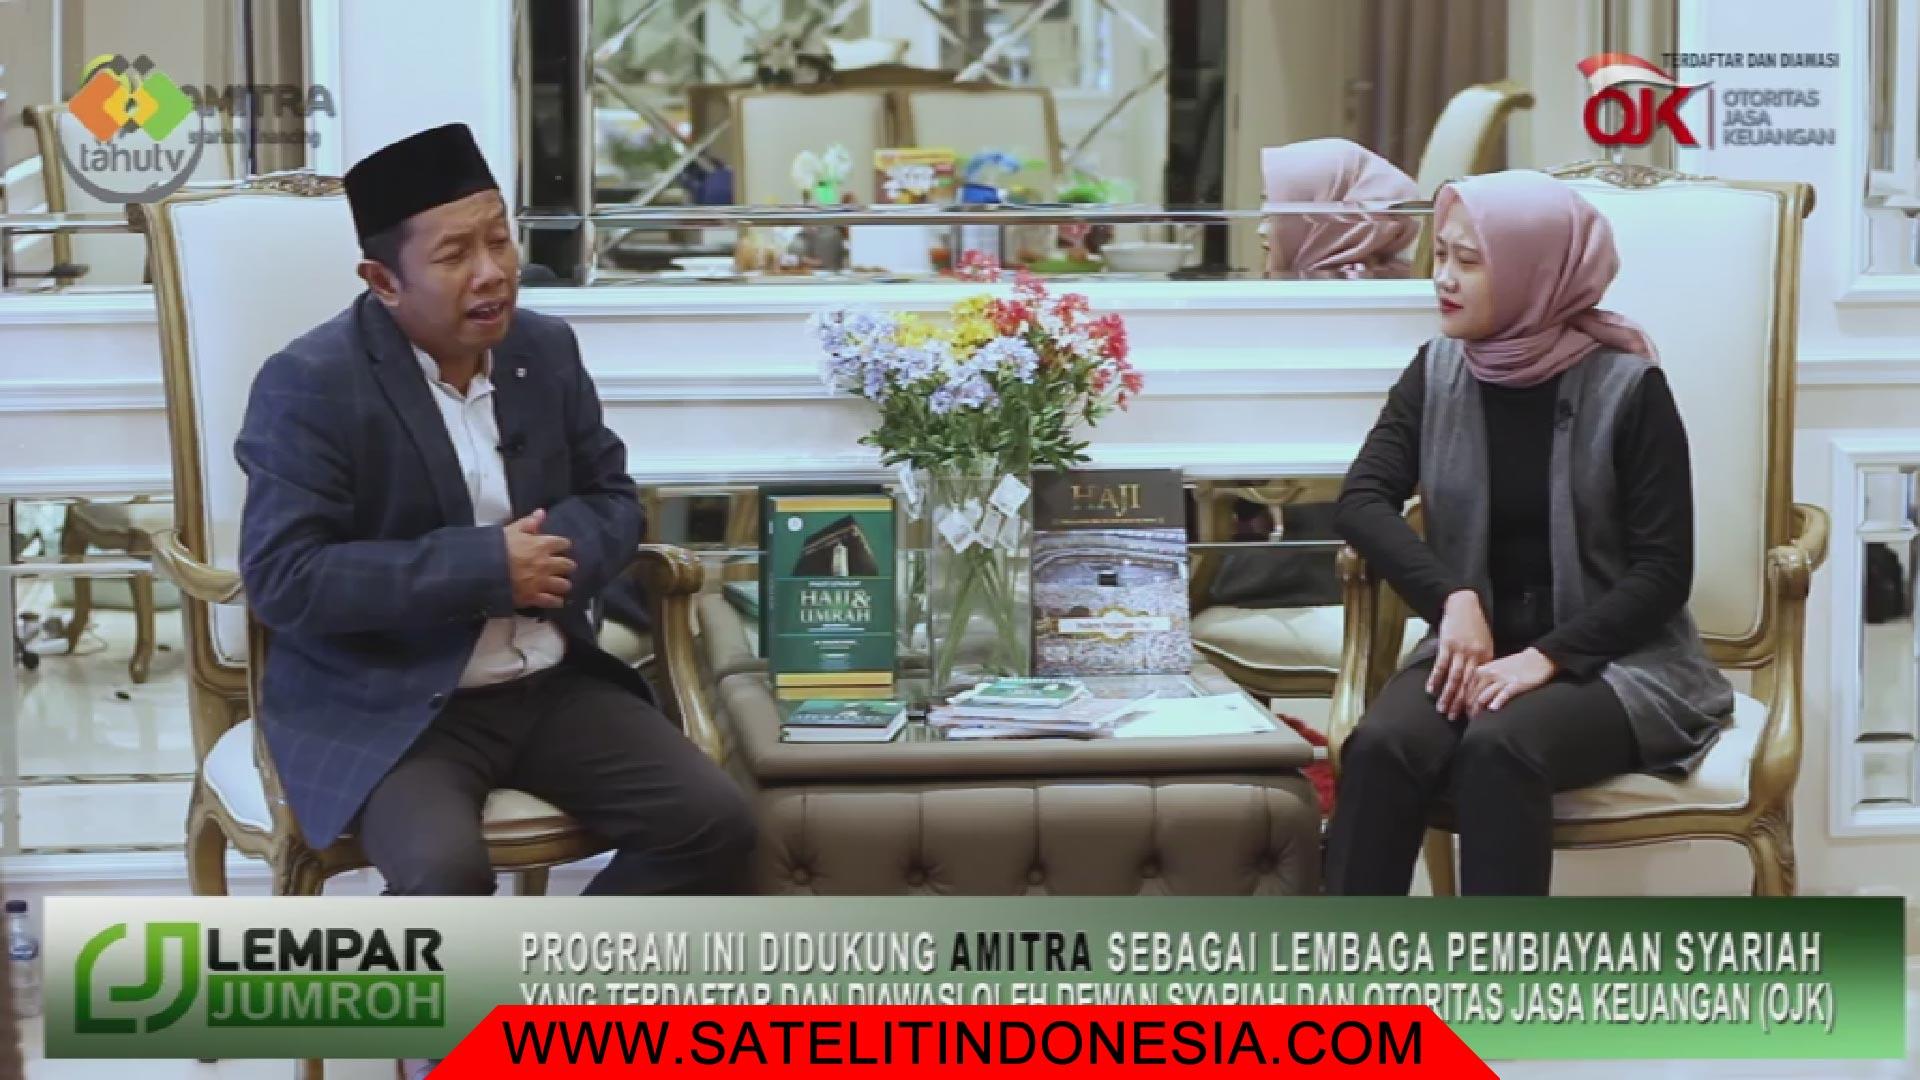 Frekuensi siaran TaHU TV di satelit Telkom 4 Terbaru